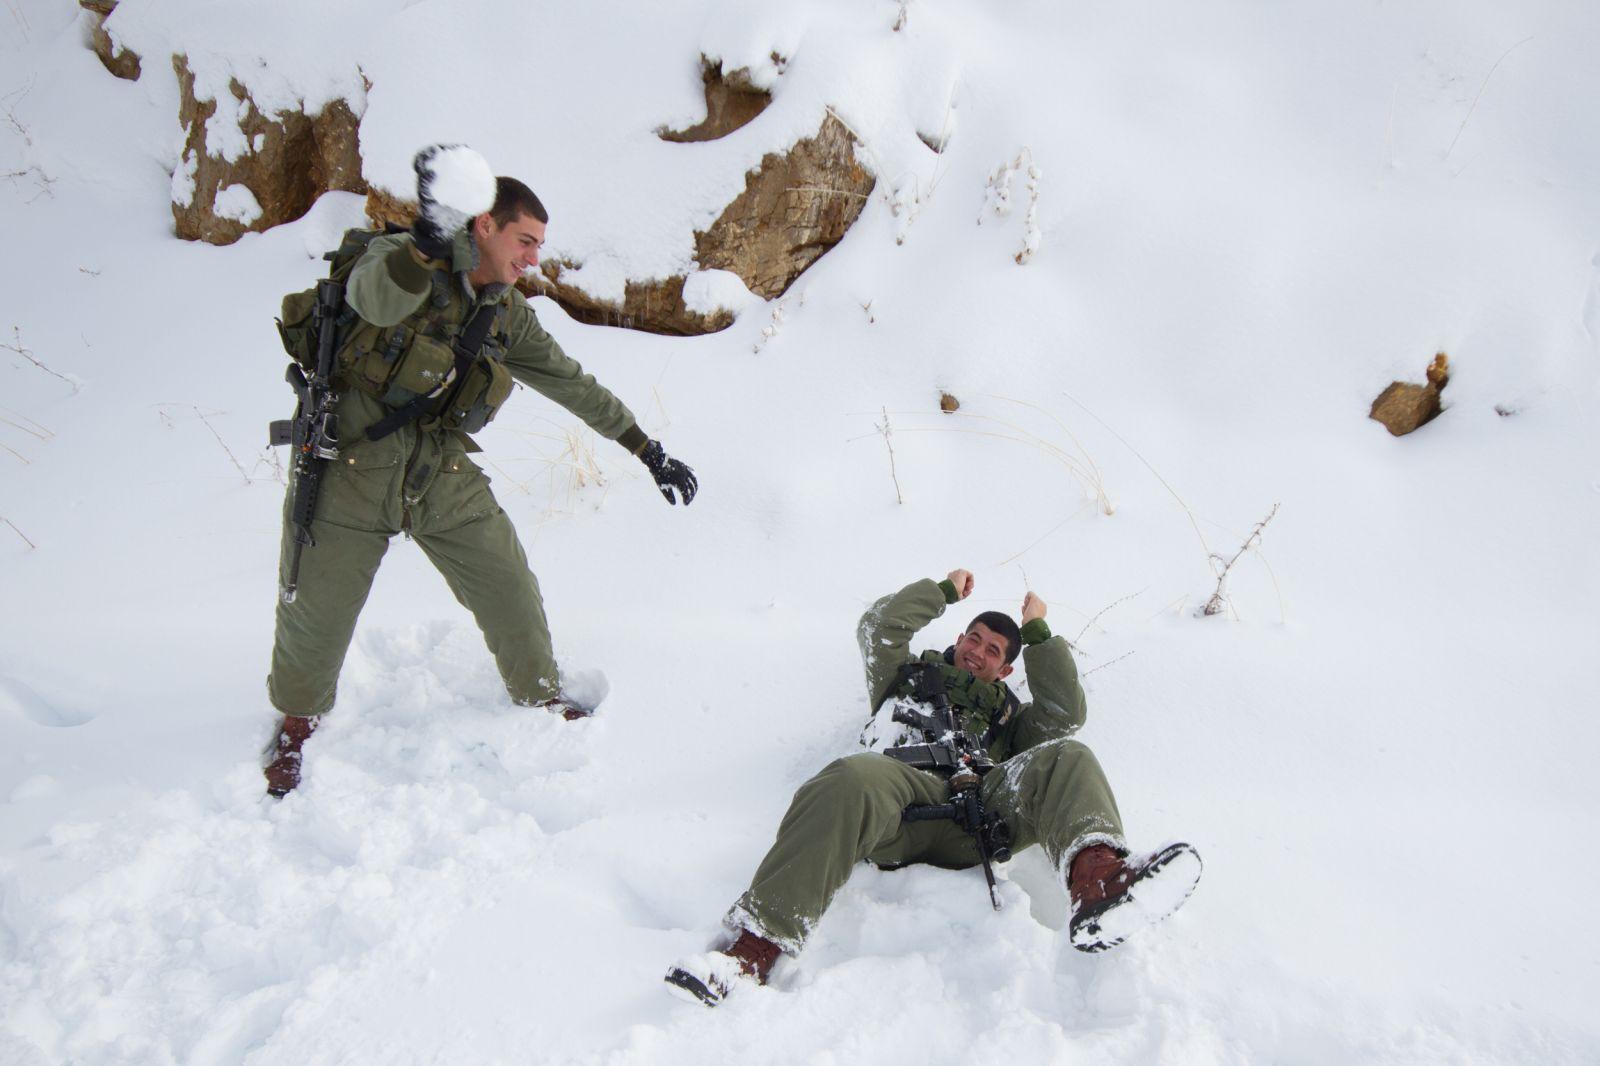 חיילים ישראלים משתעשעים בשלג ברמת-הגולן. 12.12.13 (צילום: פלאש 90)